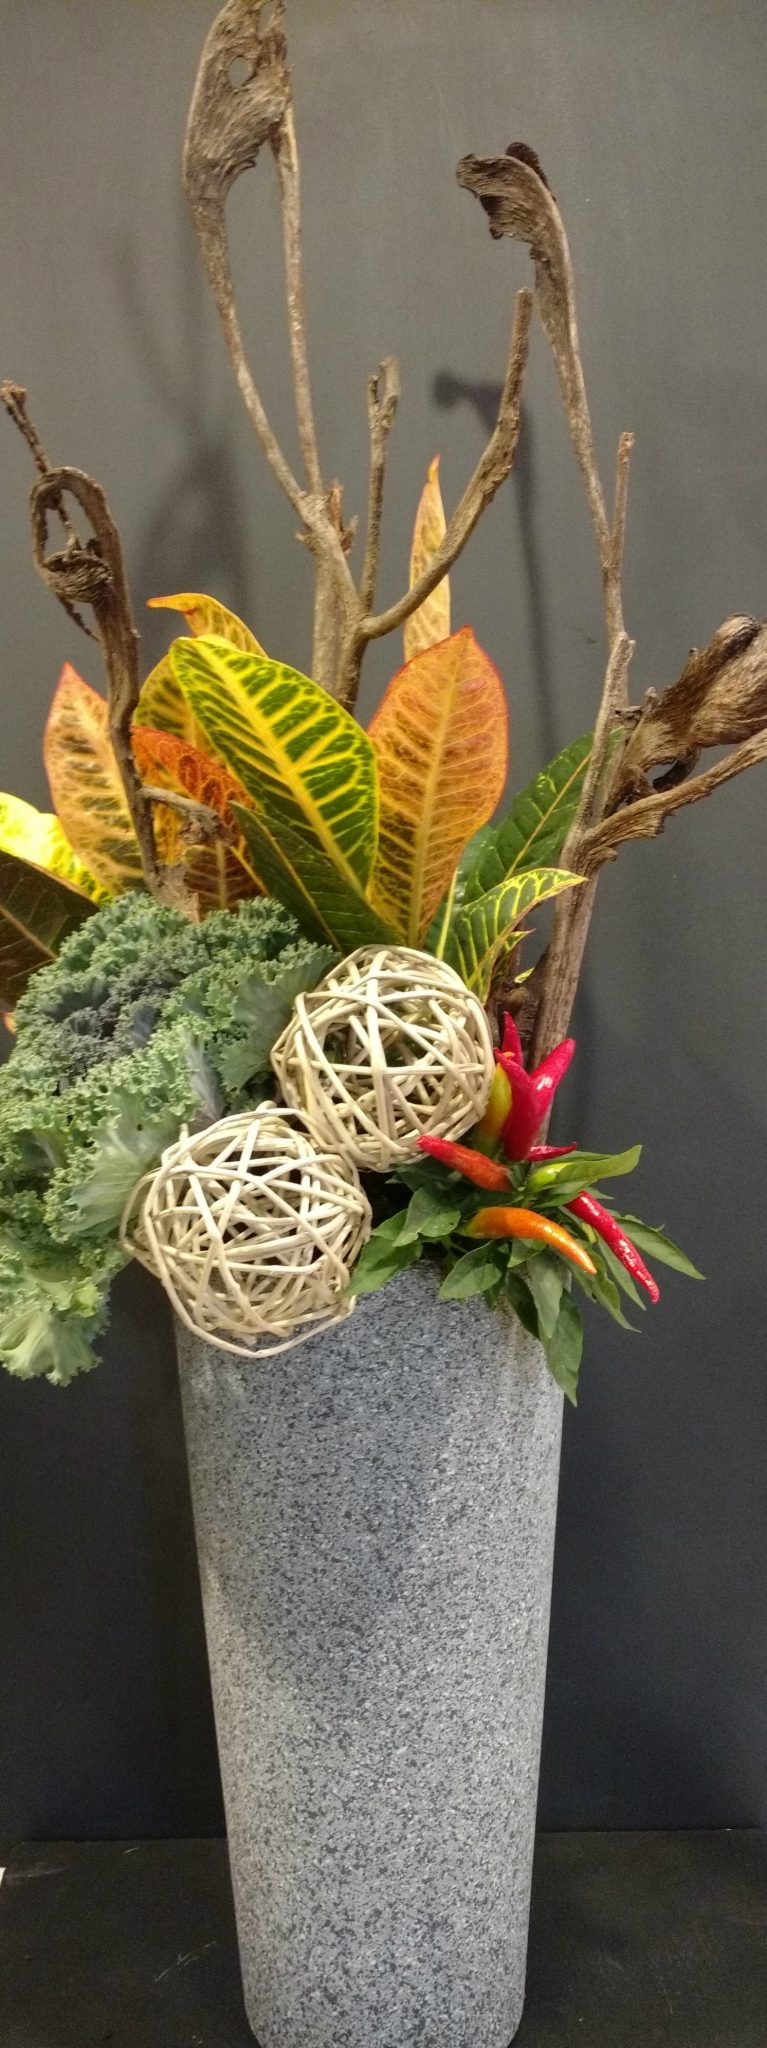 A beautiful fall planter from Flowers Talk Tivoli